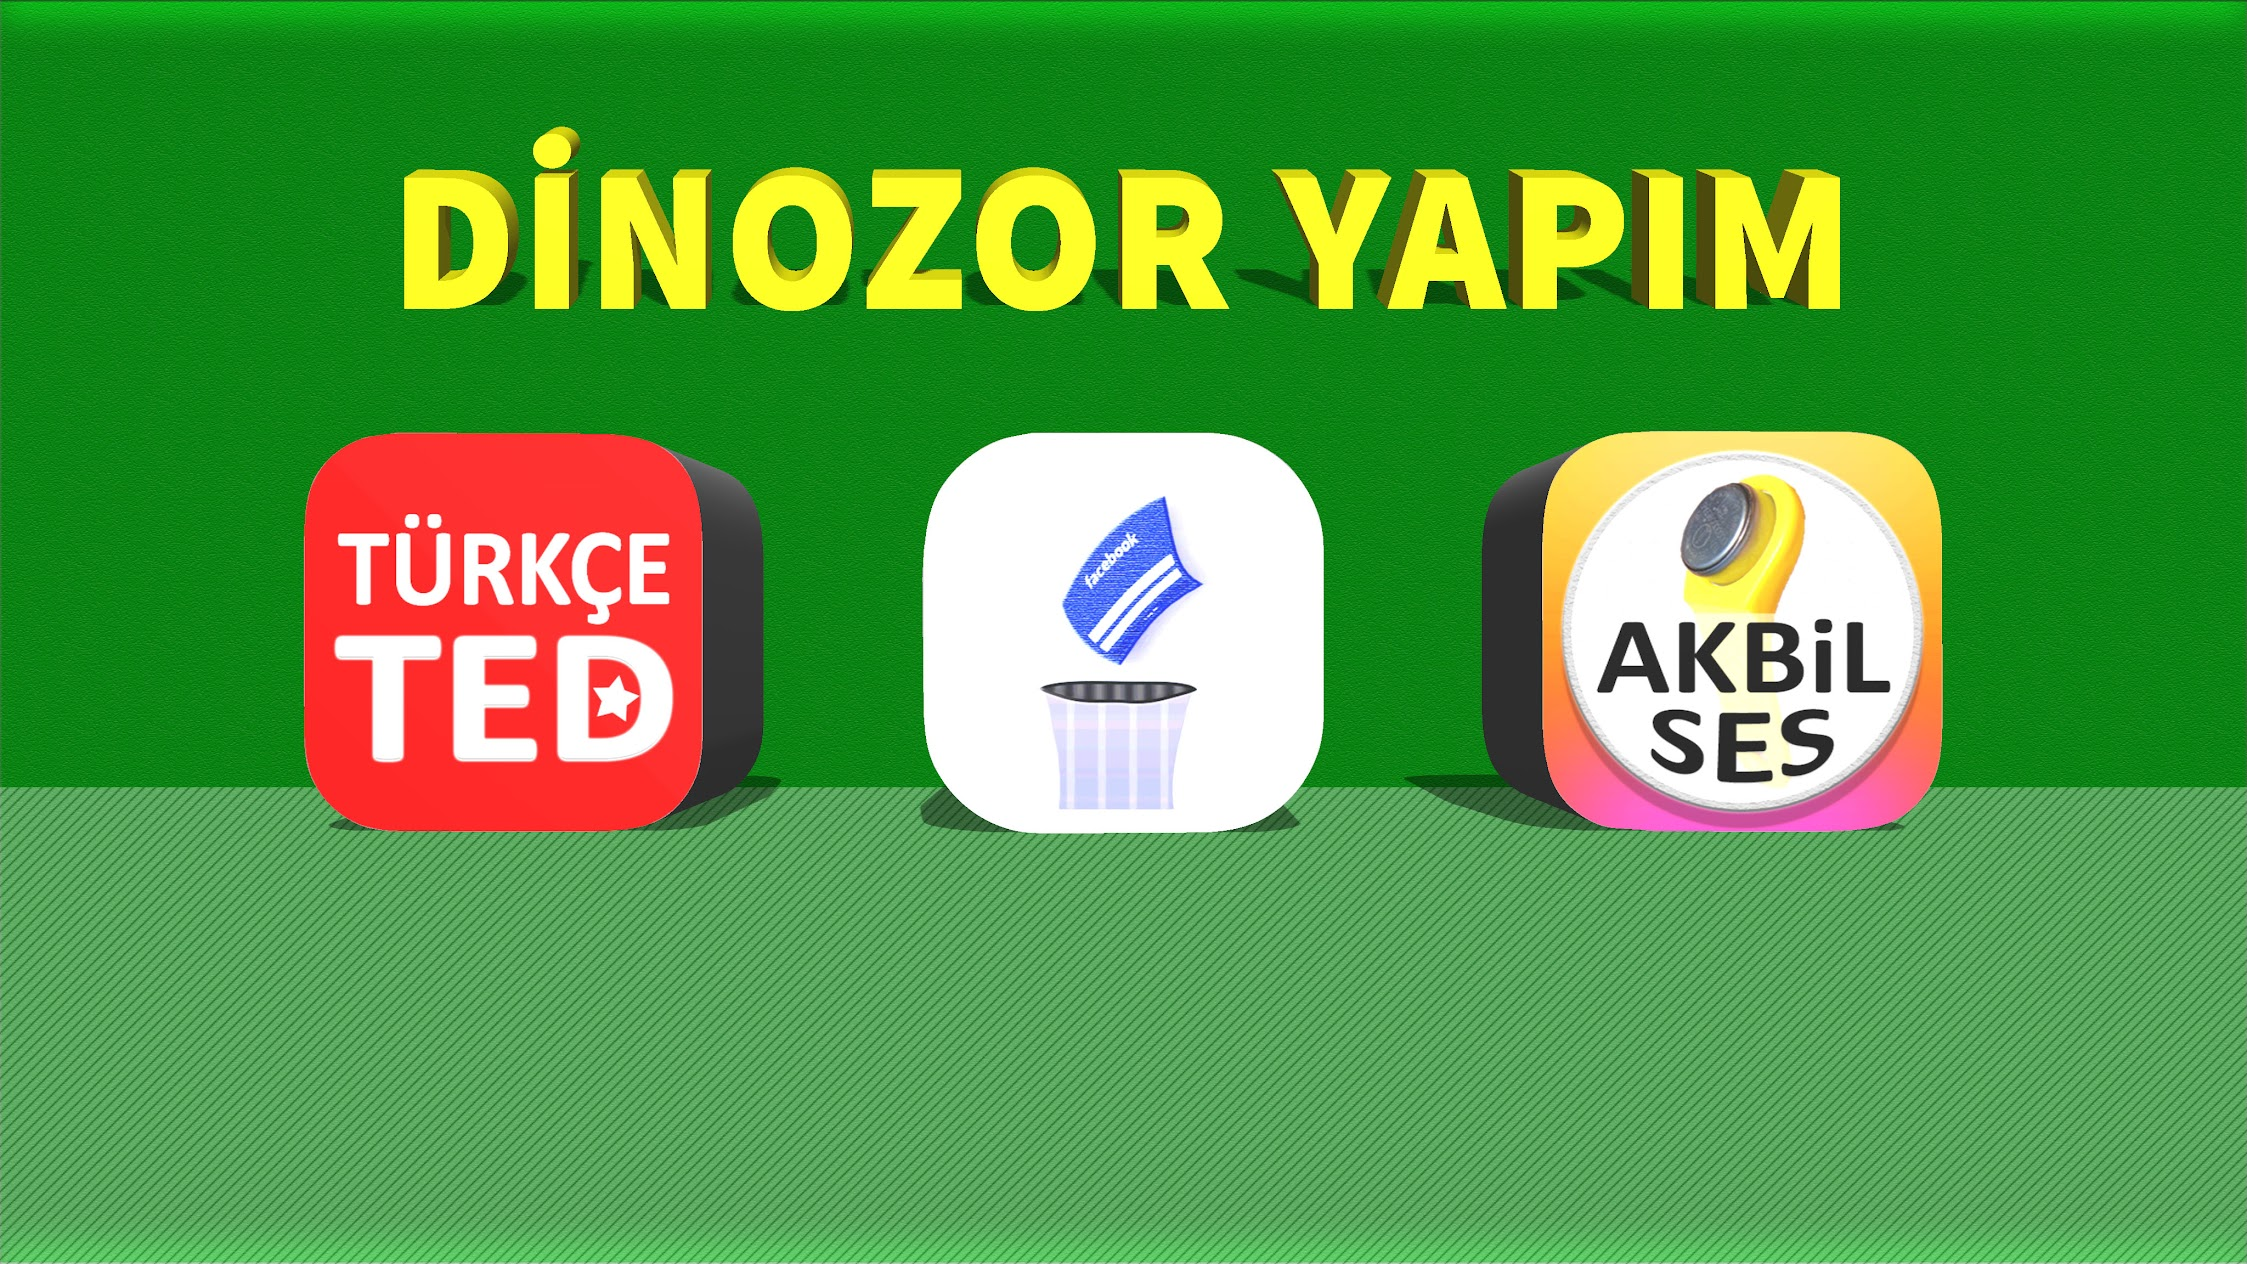 Dinozor Apps